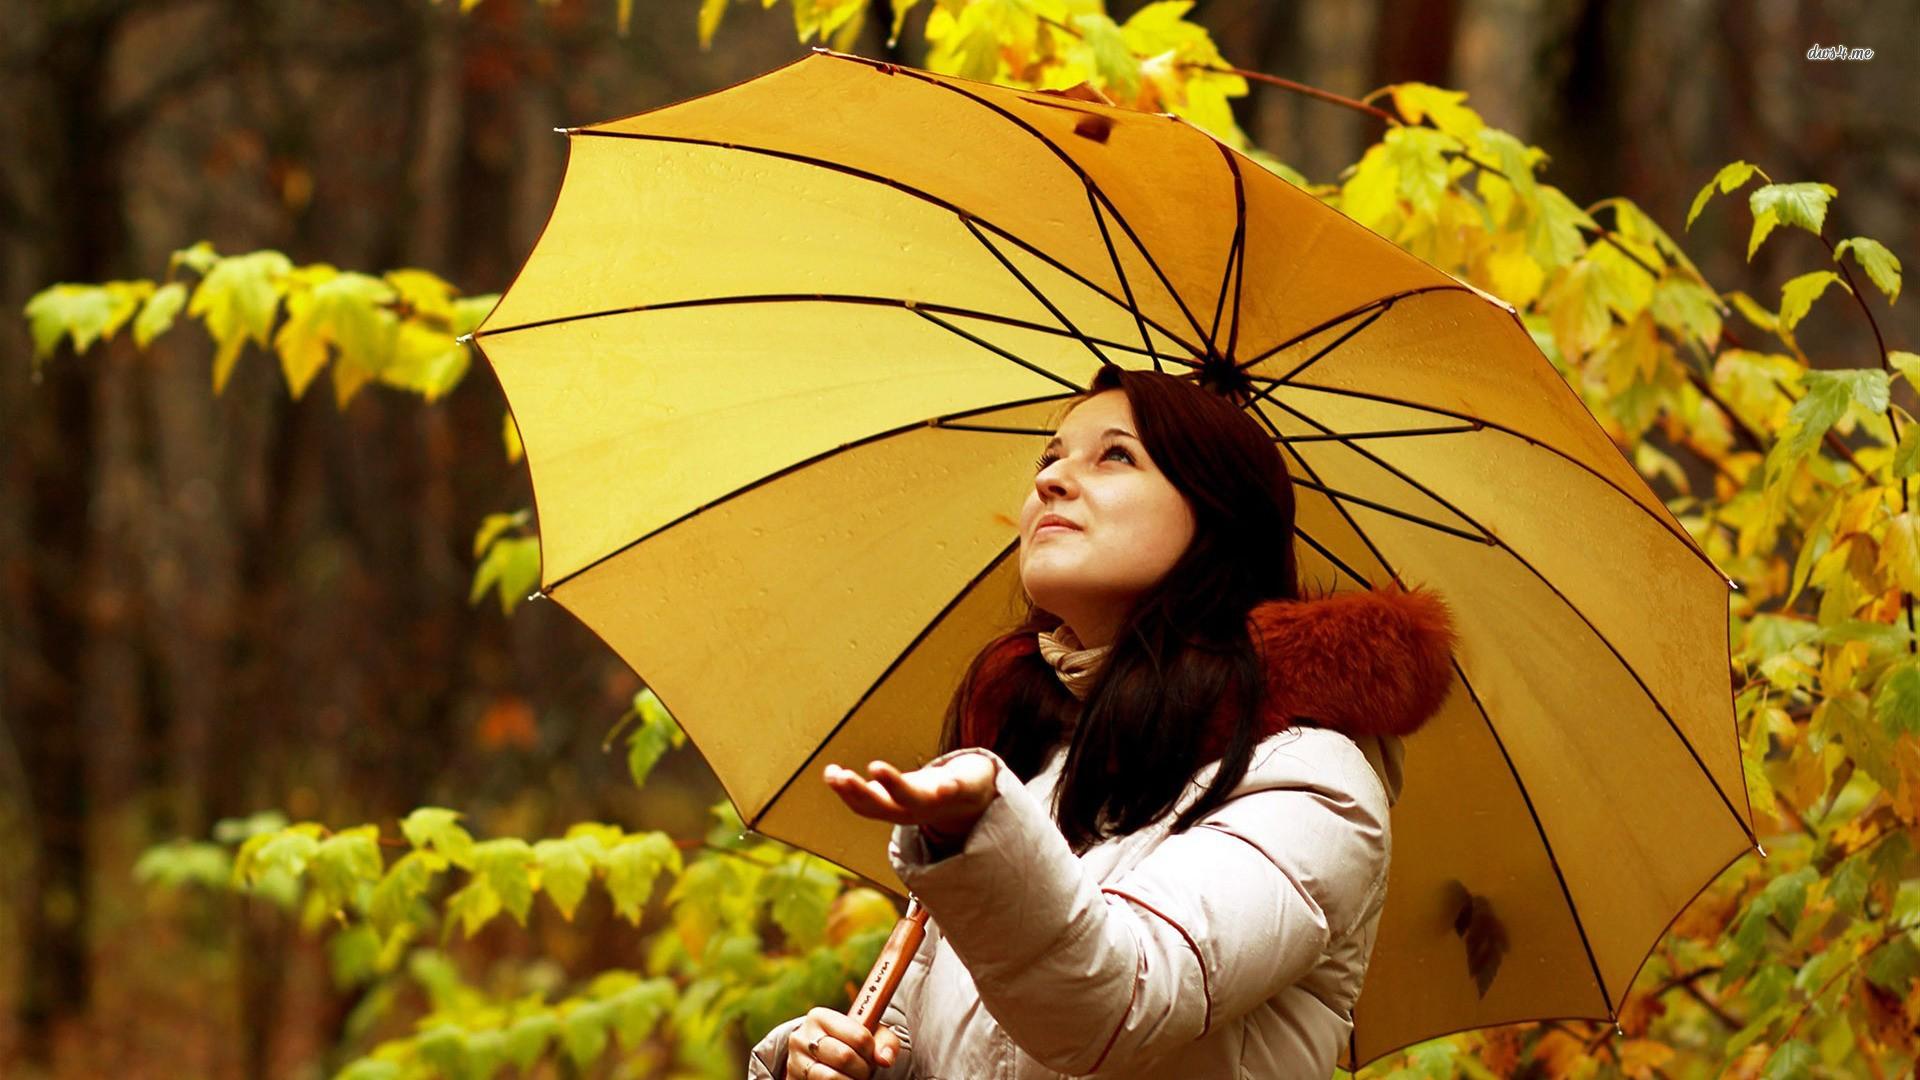 люди которые любят пасмурную погоду перешагнул порог